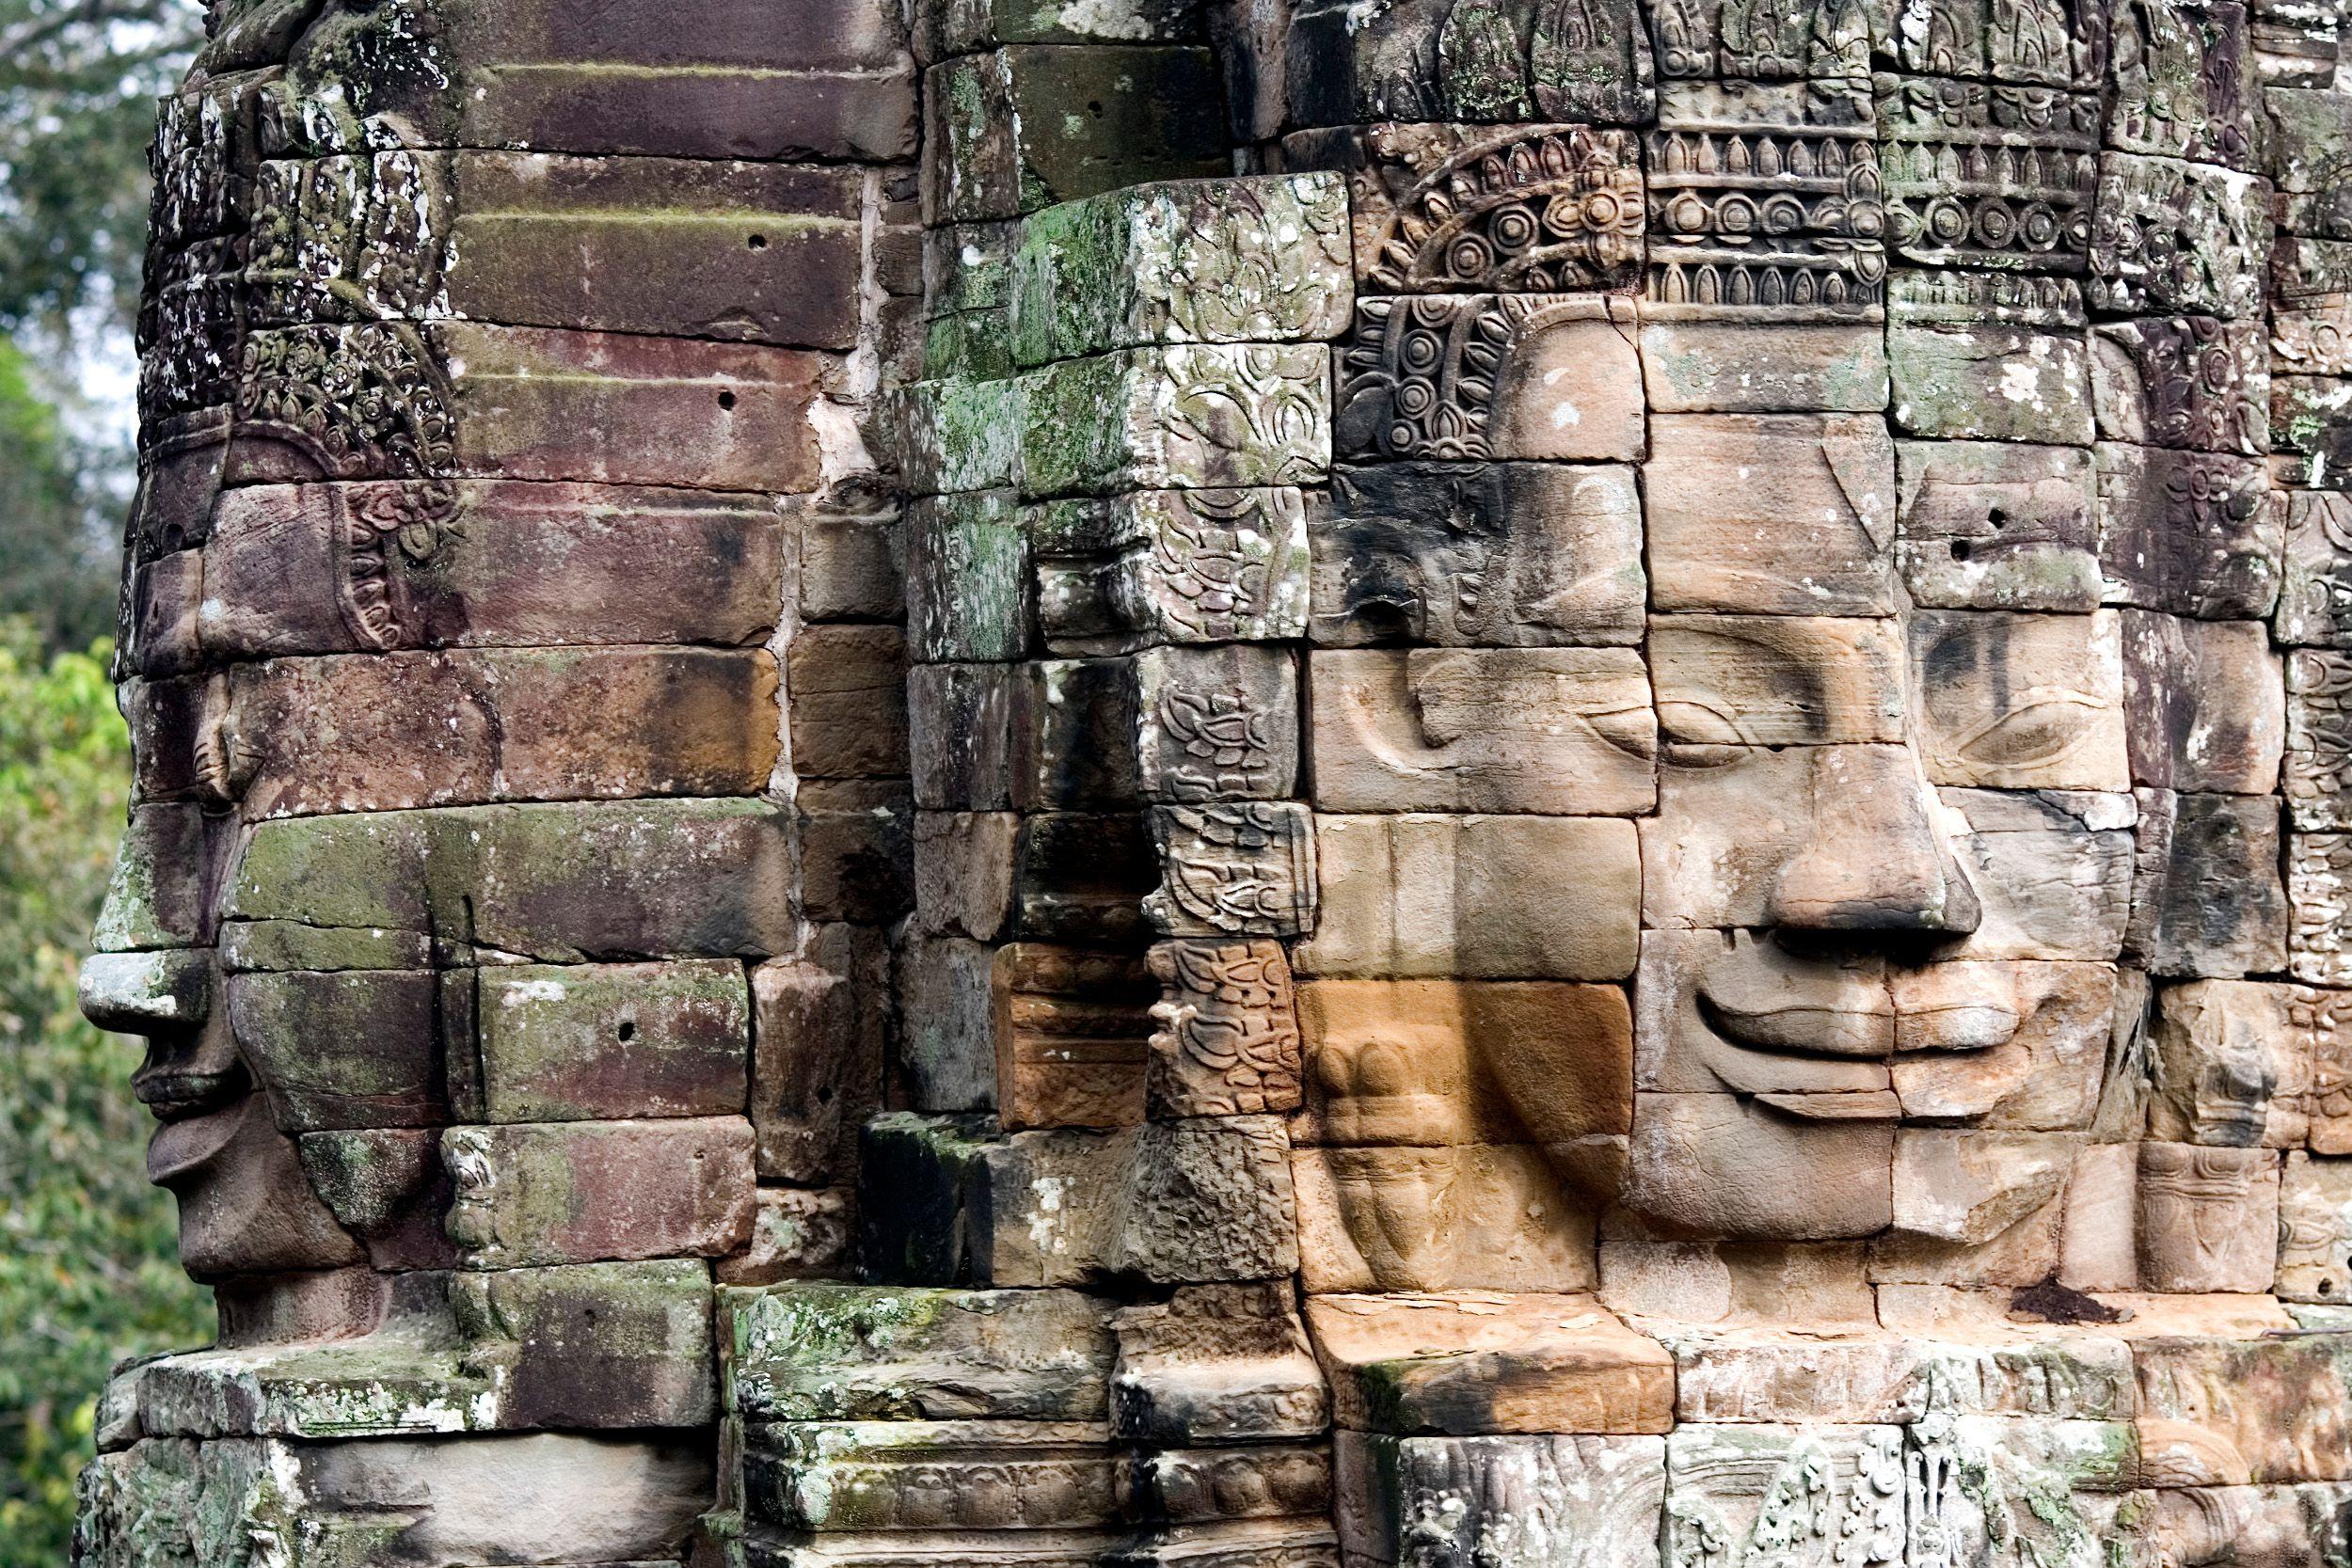 angkor_wat_Bayon_Temple-5960baad5f9b583f180c089b